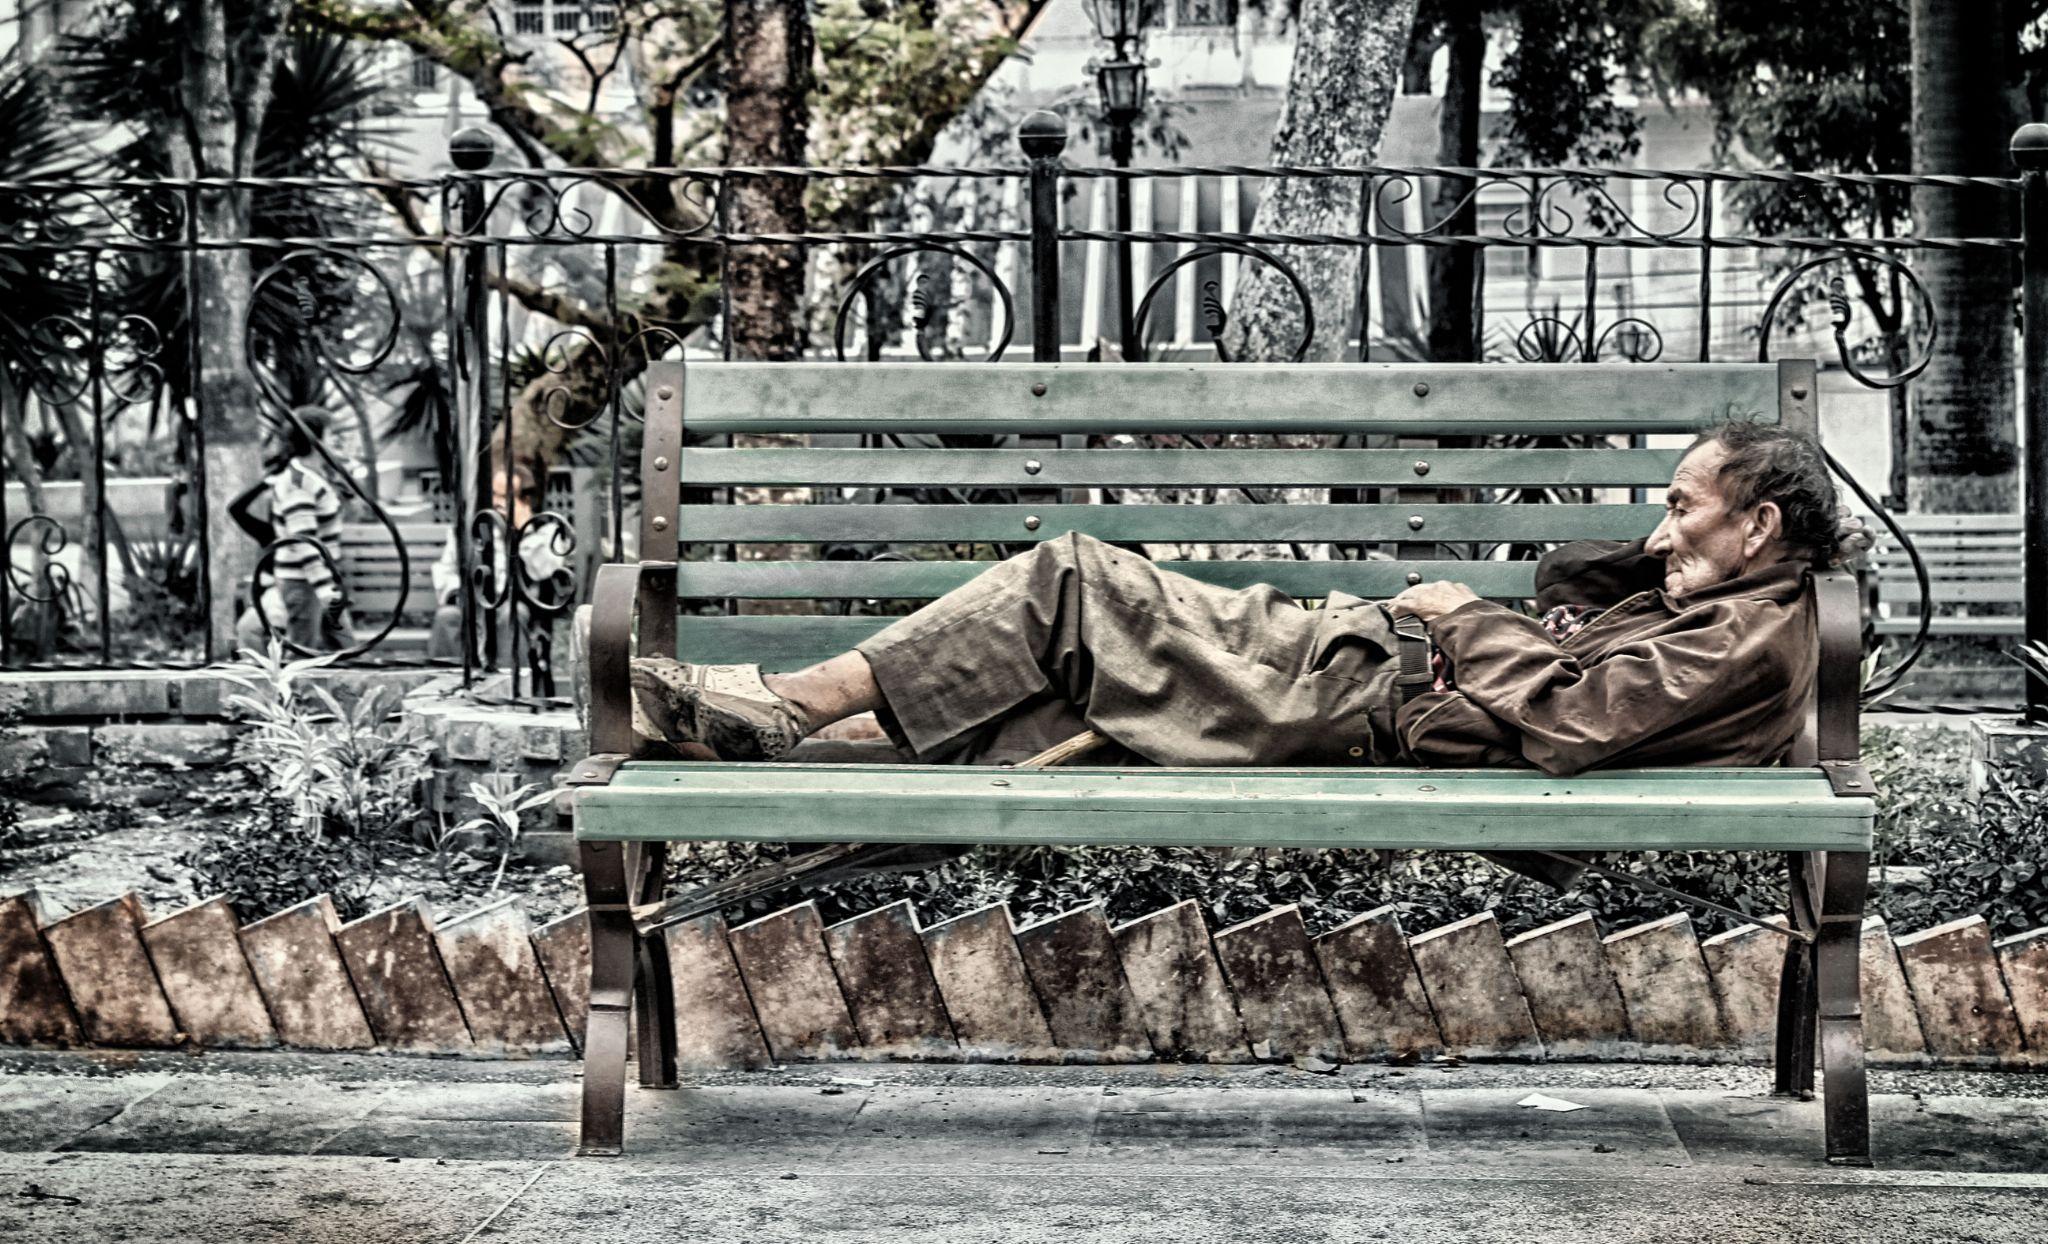 Drunk dreams by Gabriel Garcia